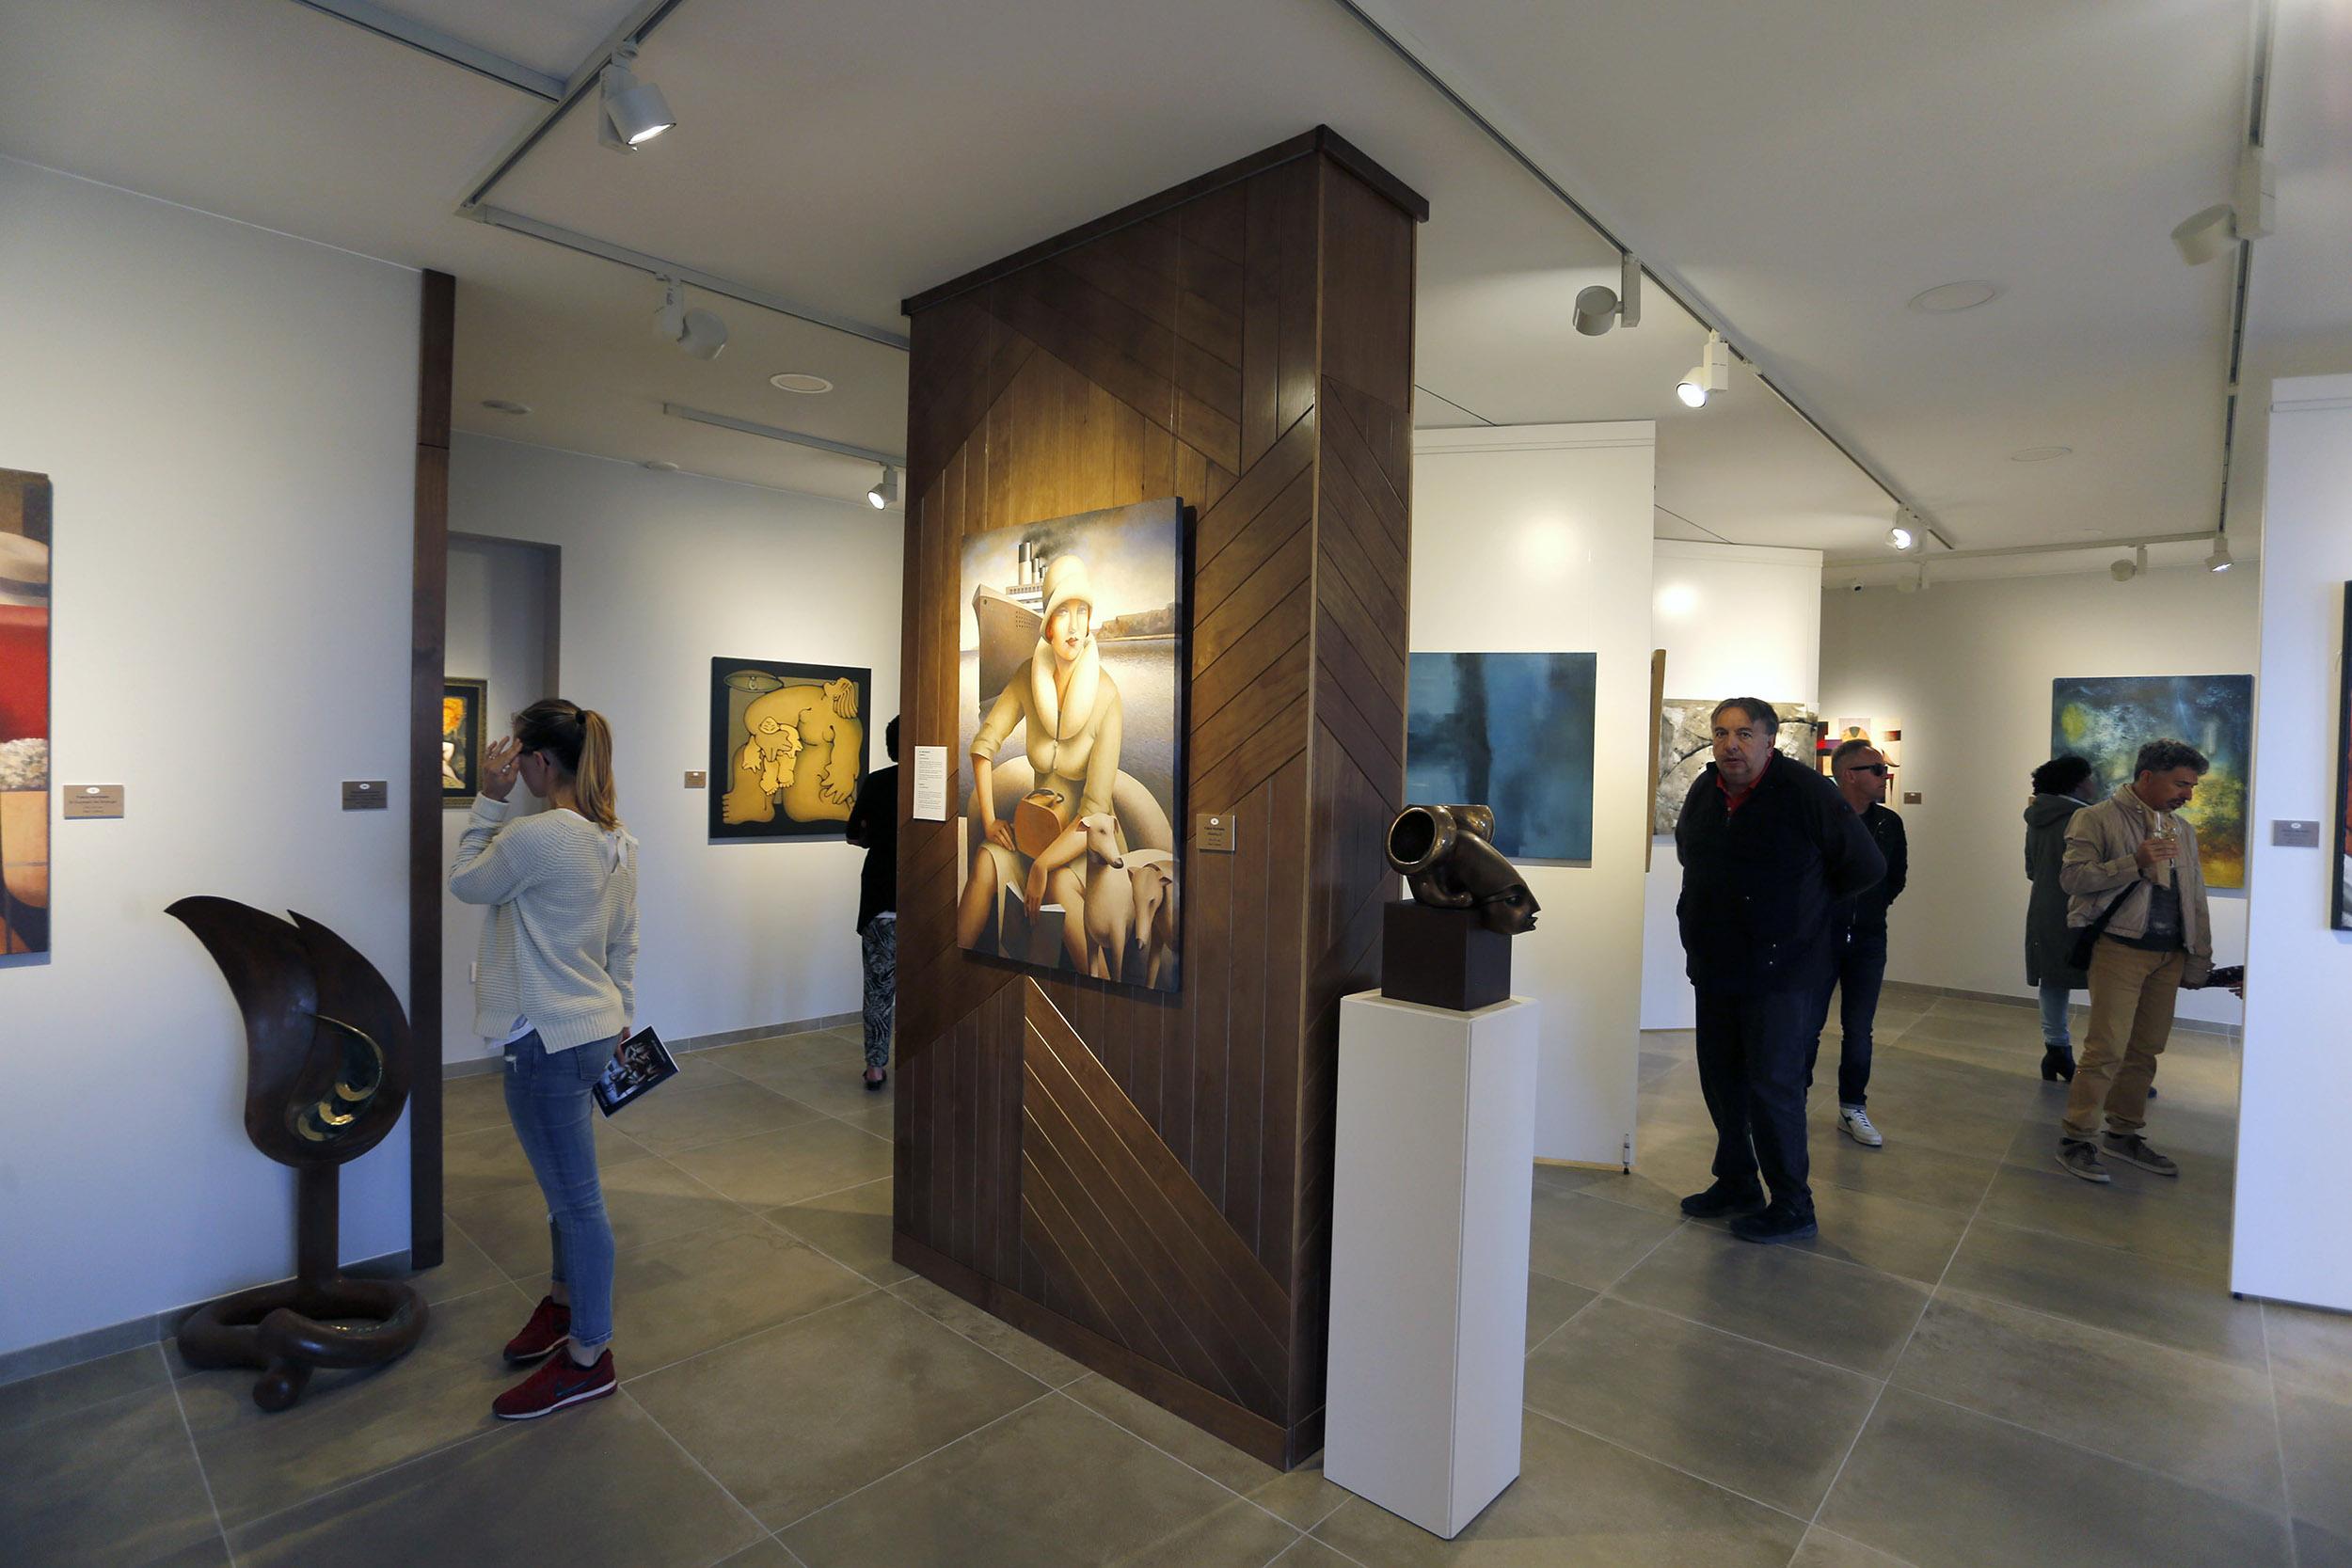 Lanzarote Art Gallery estrena espacio de exposiciones en Costa Teguise